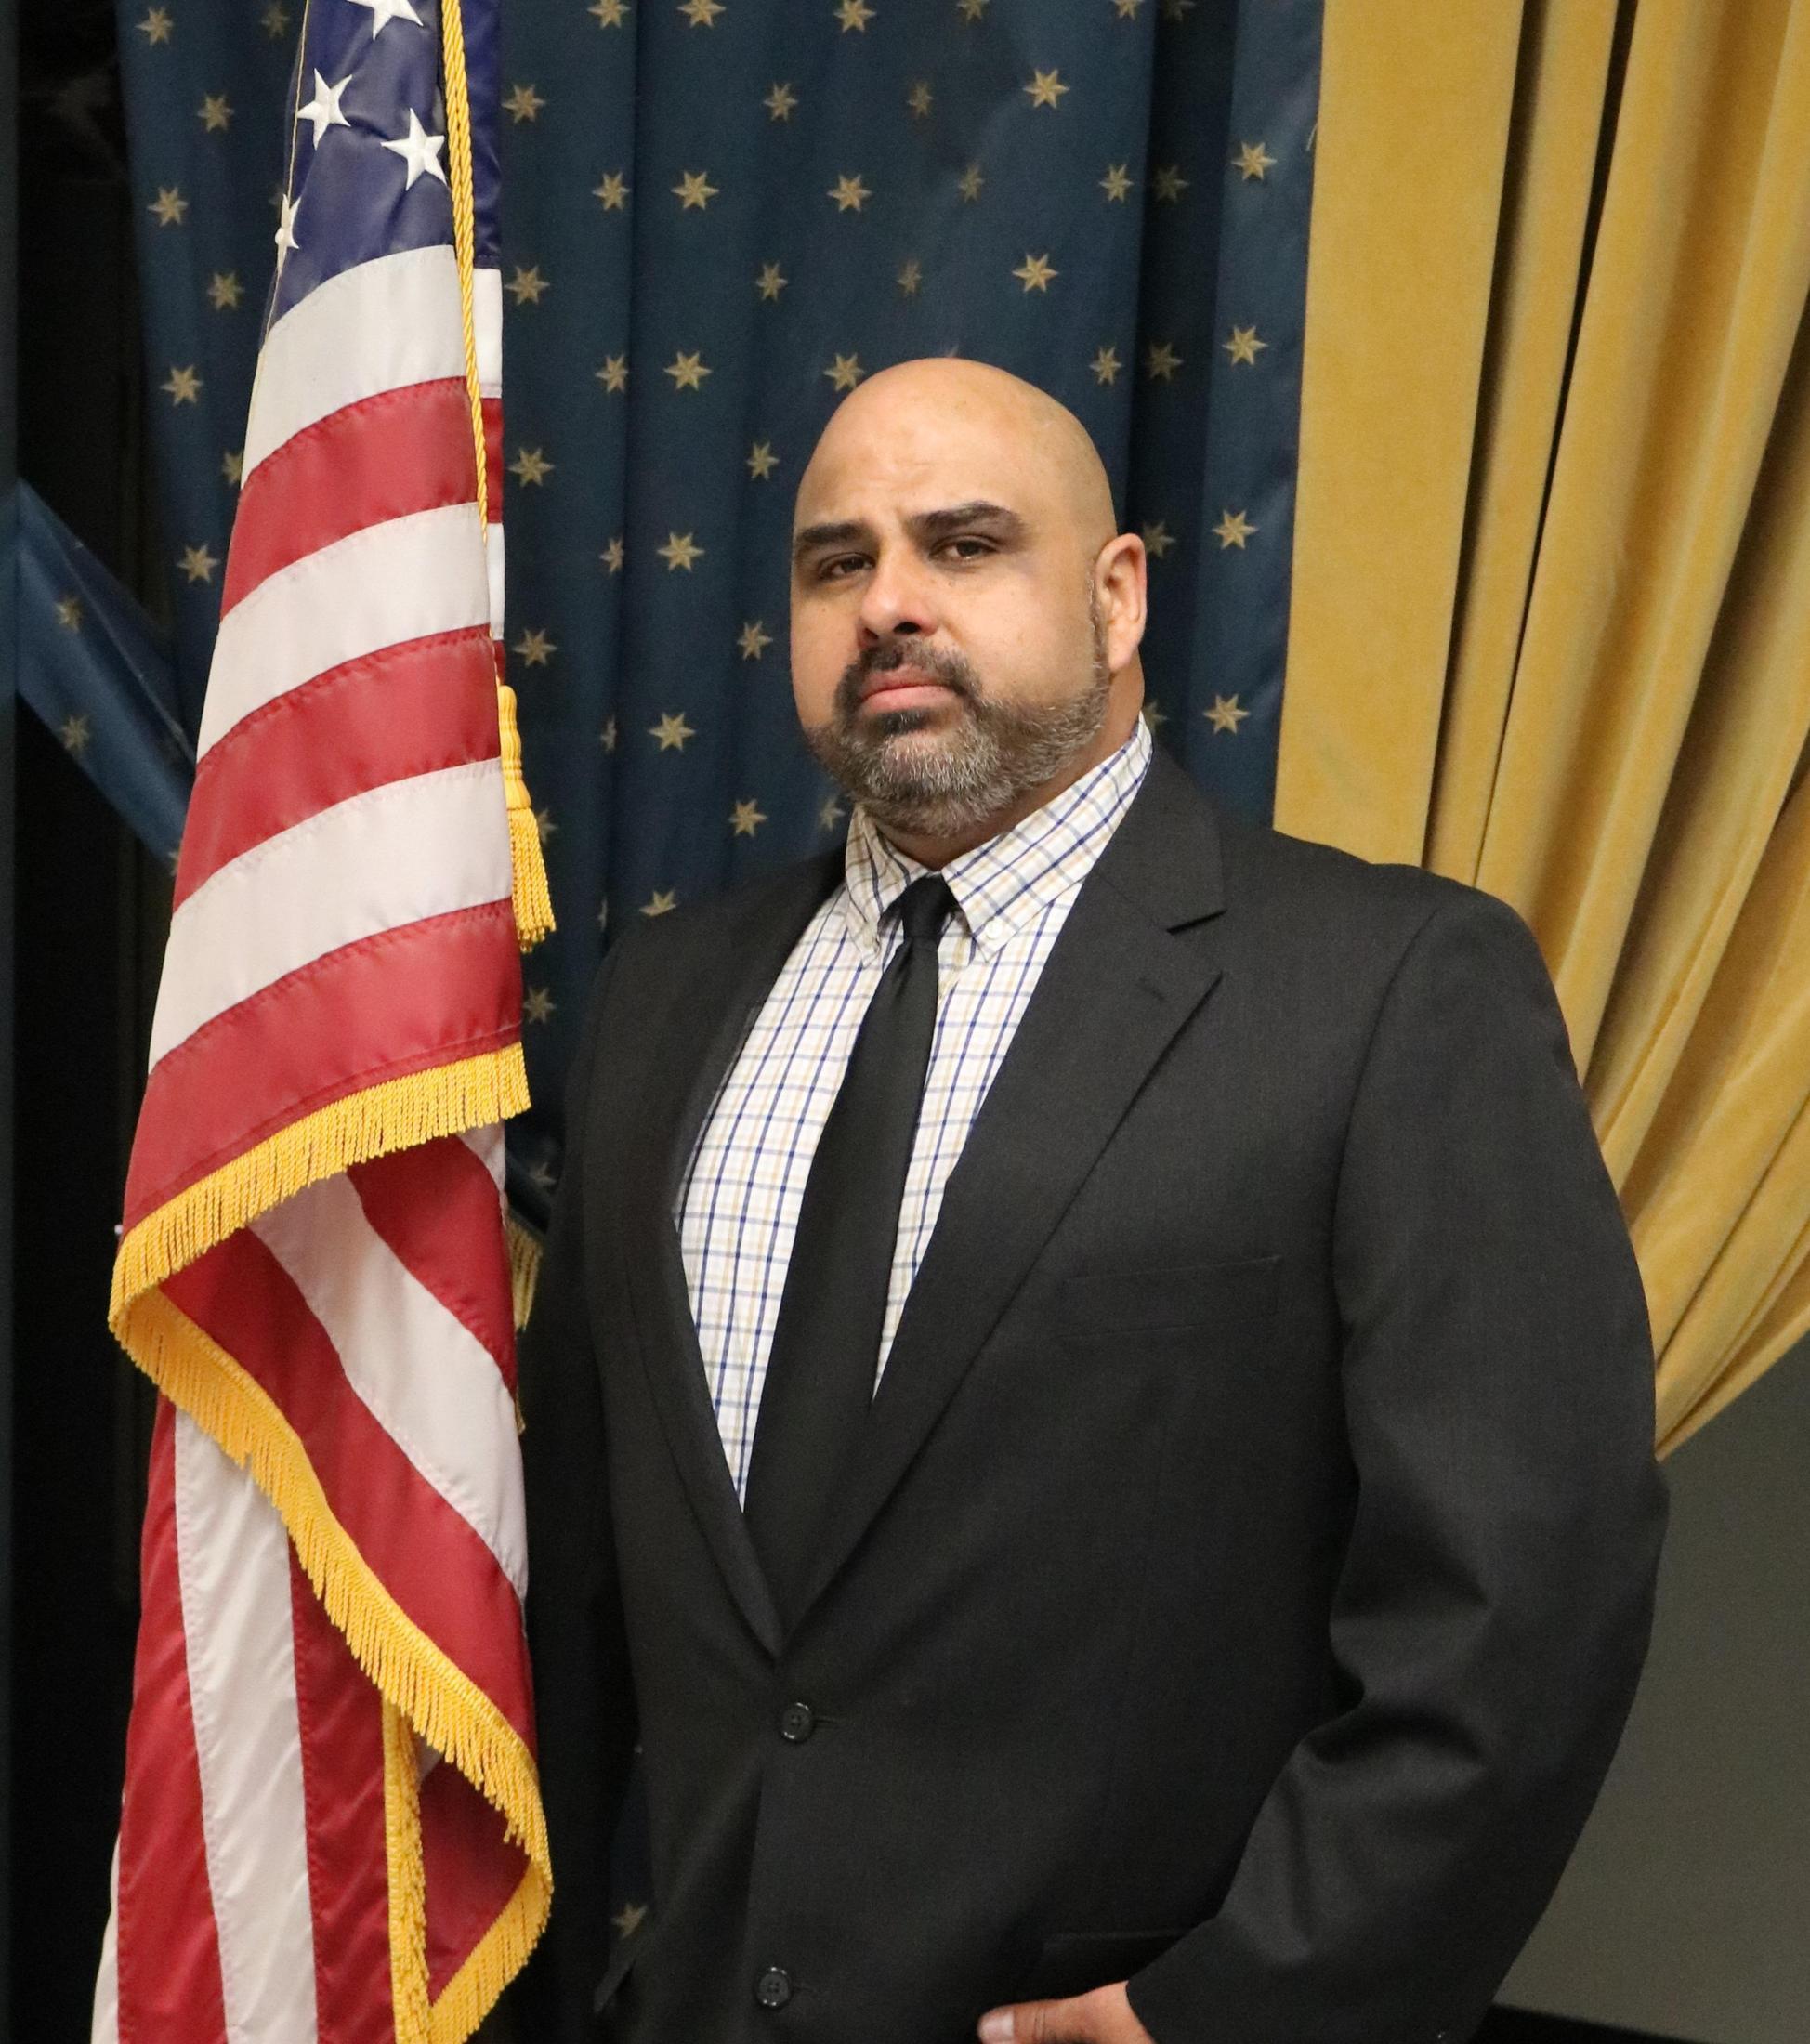 Moy Meraz, Board Clerk